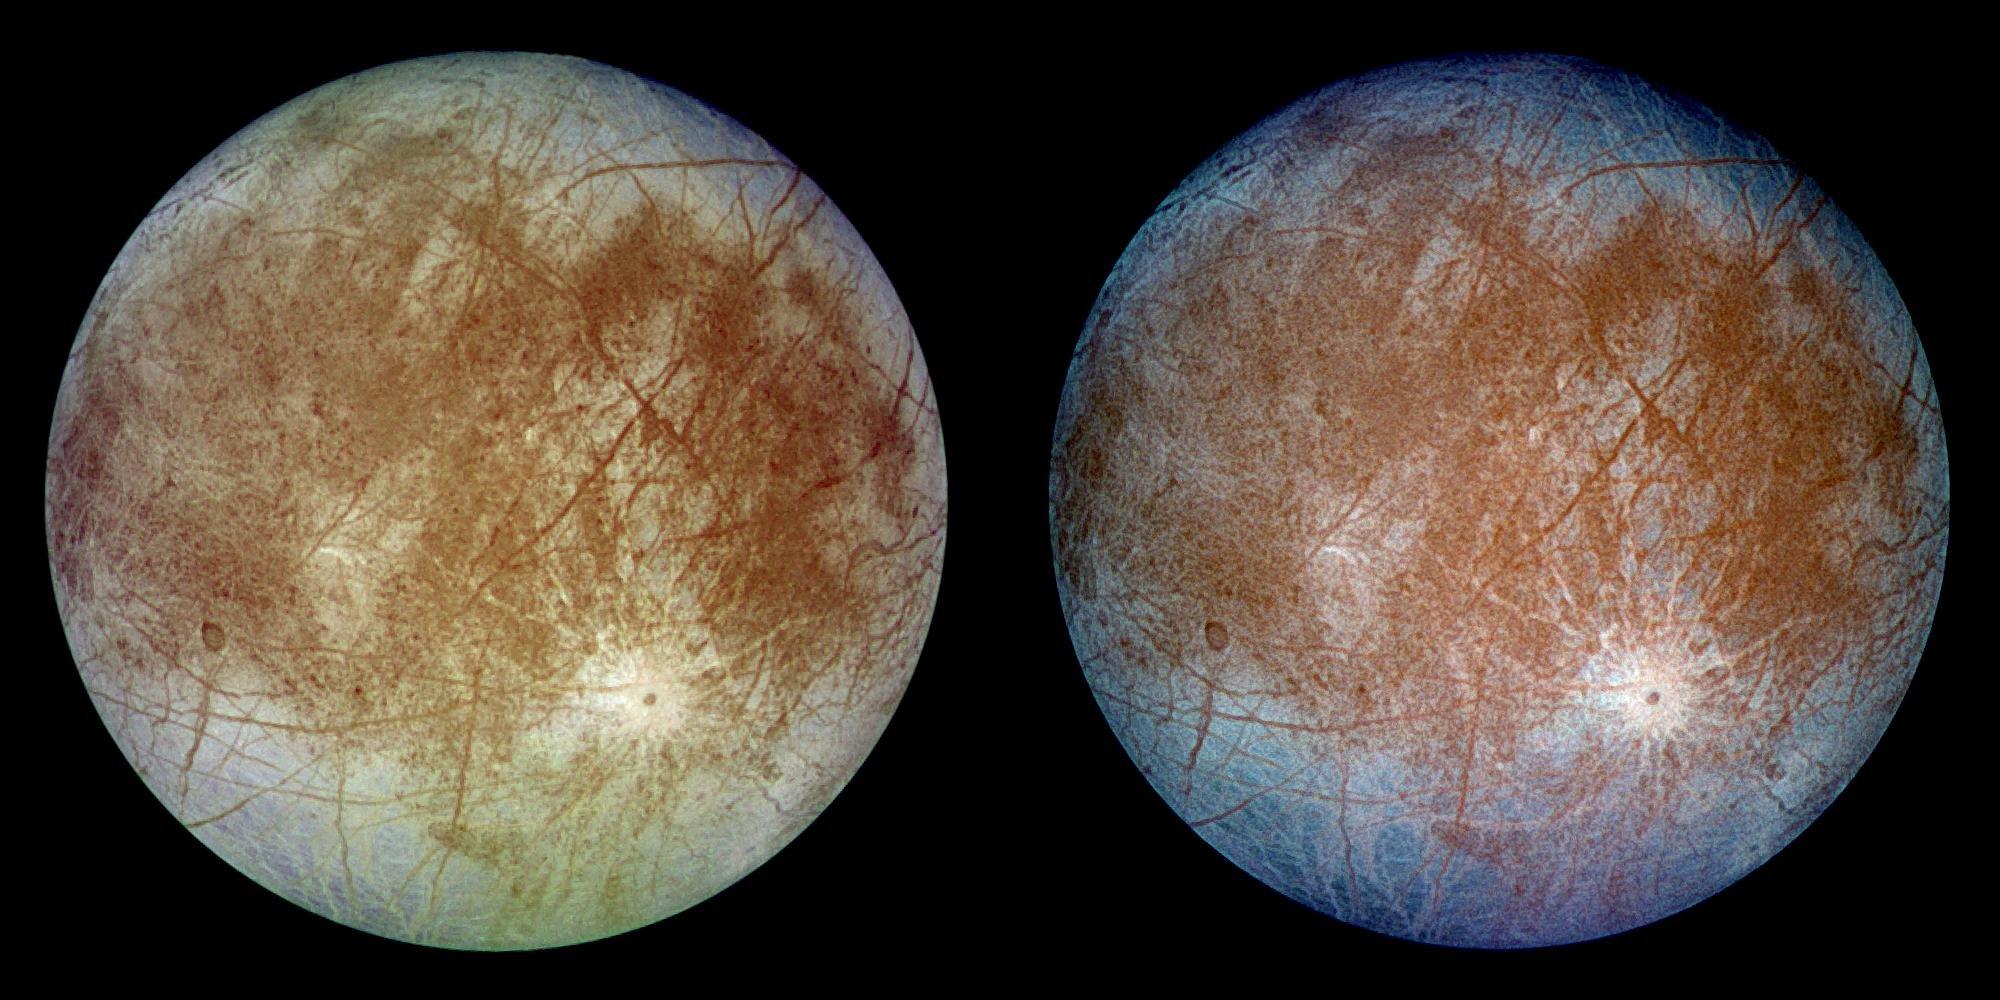 Спутник Юпитера Европа (естественные ипсевдоцвета сдобавлением ультрафиолетового иинфракрасного канала). By: <i>NASA/JPL-Caltech/DLR</i>.